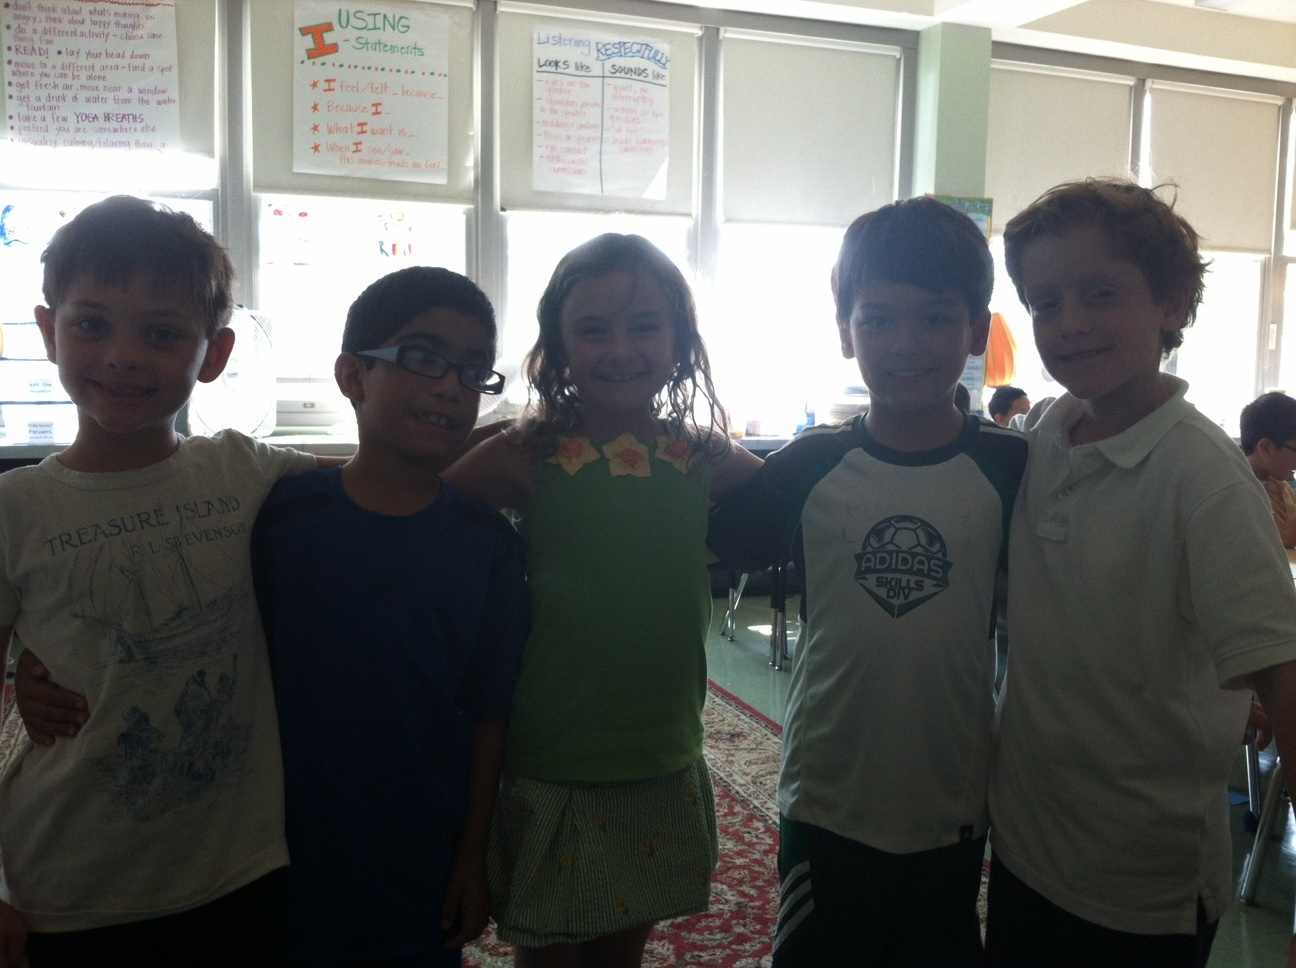 Modern Ixl Math 3rd Grade Pattern - Math Worksheets Ideas ...